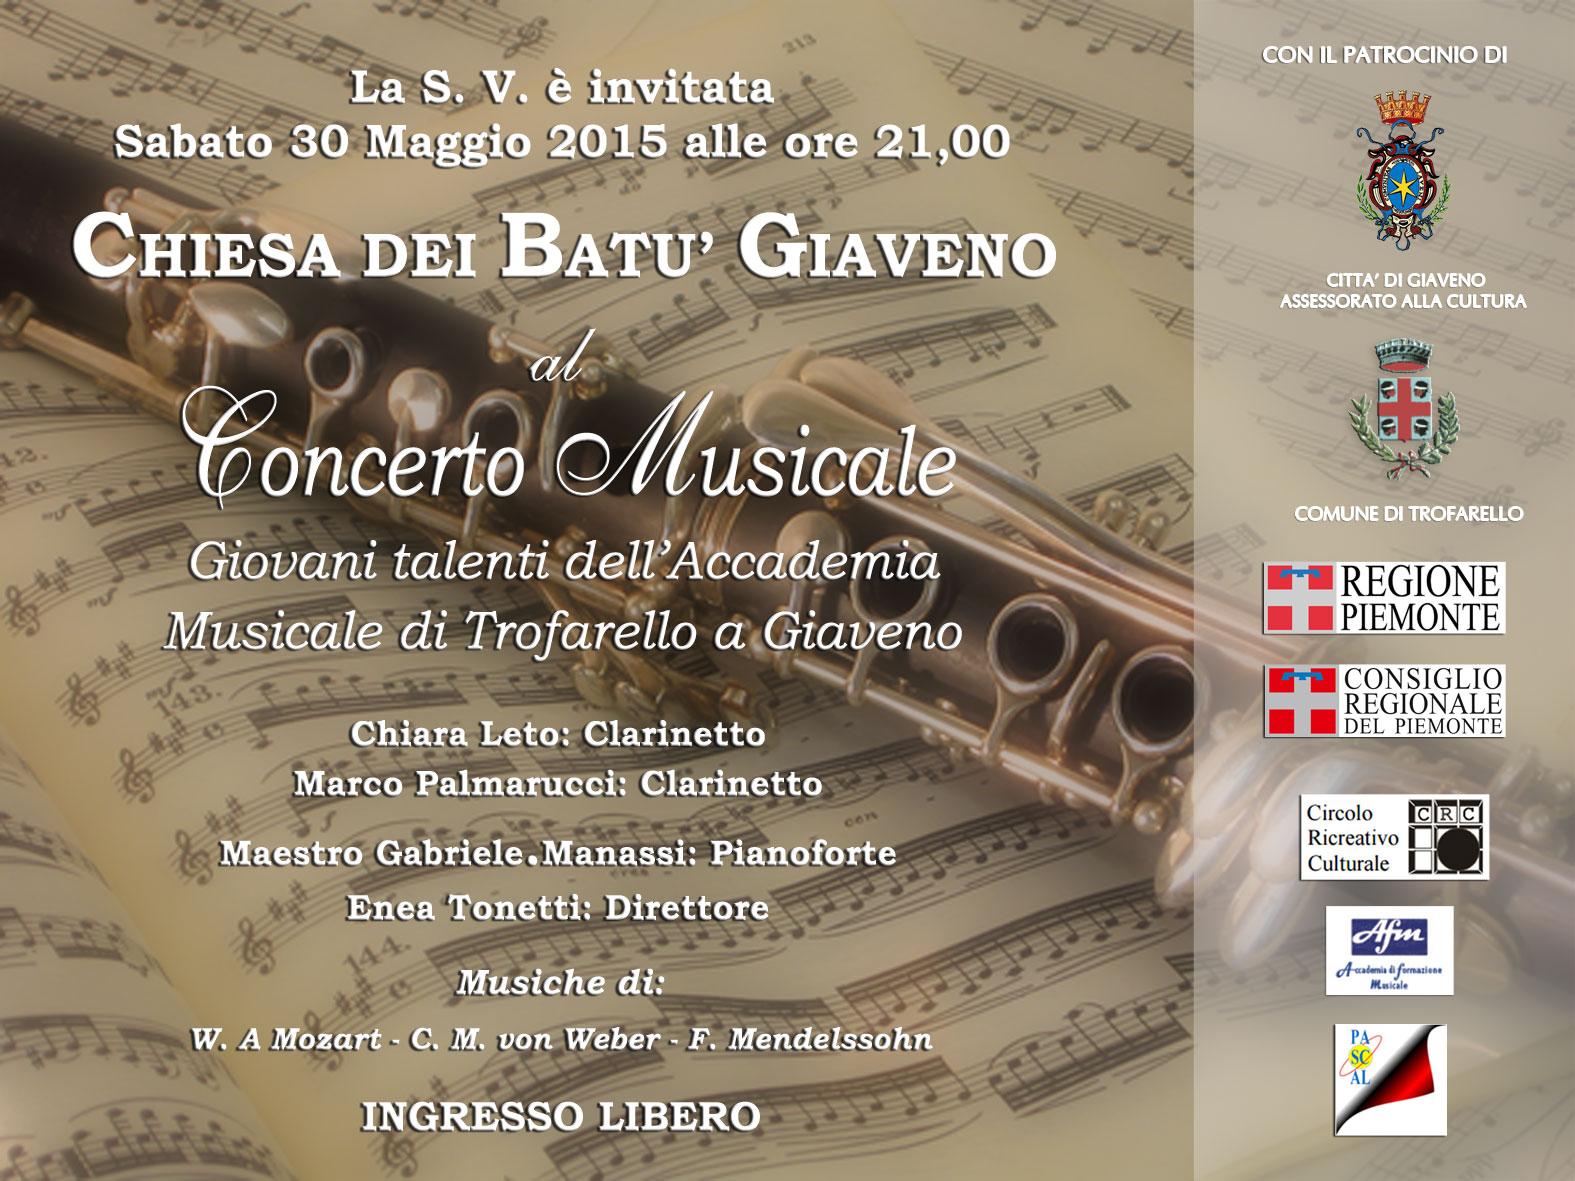 """Concerto """"Giovani dell'Accademia Musicale di Trofarello a Giaveno""""  – sabato 30 maggio 2015 Chiesa dei Batù"""